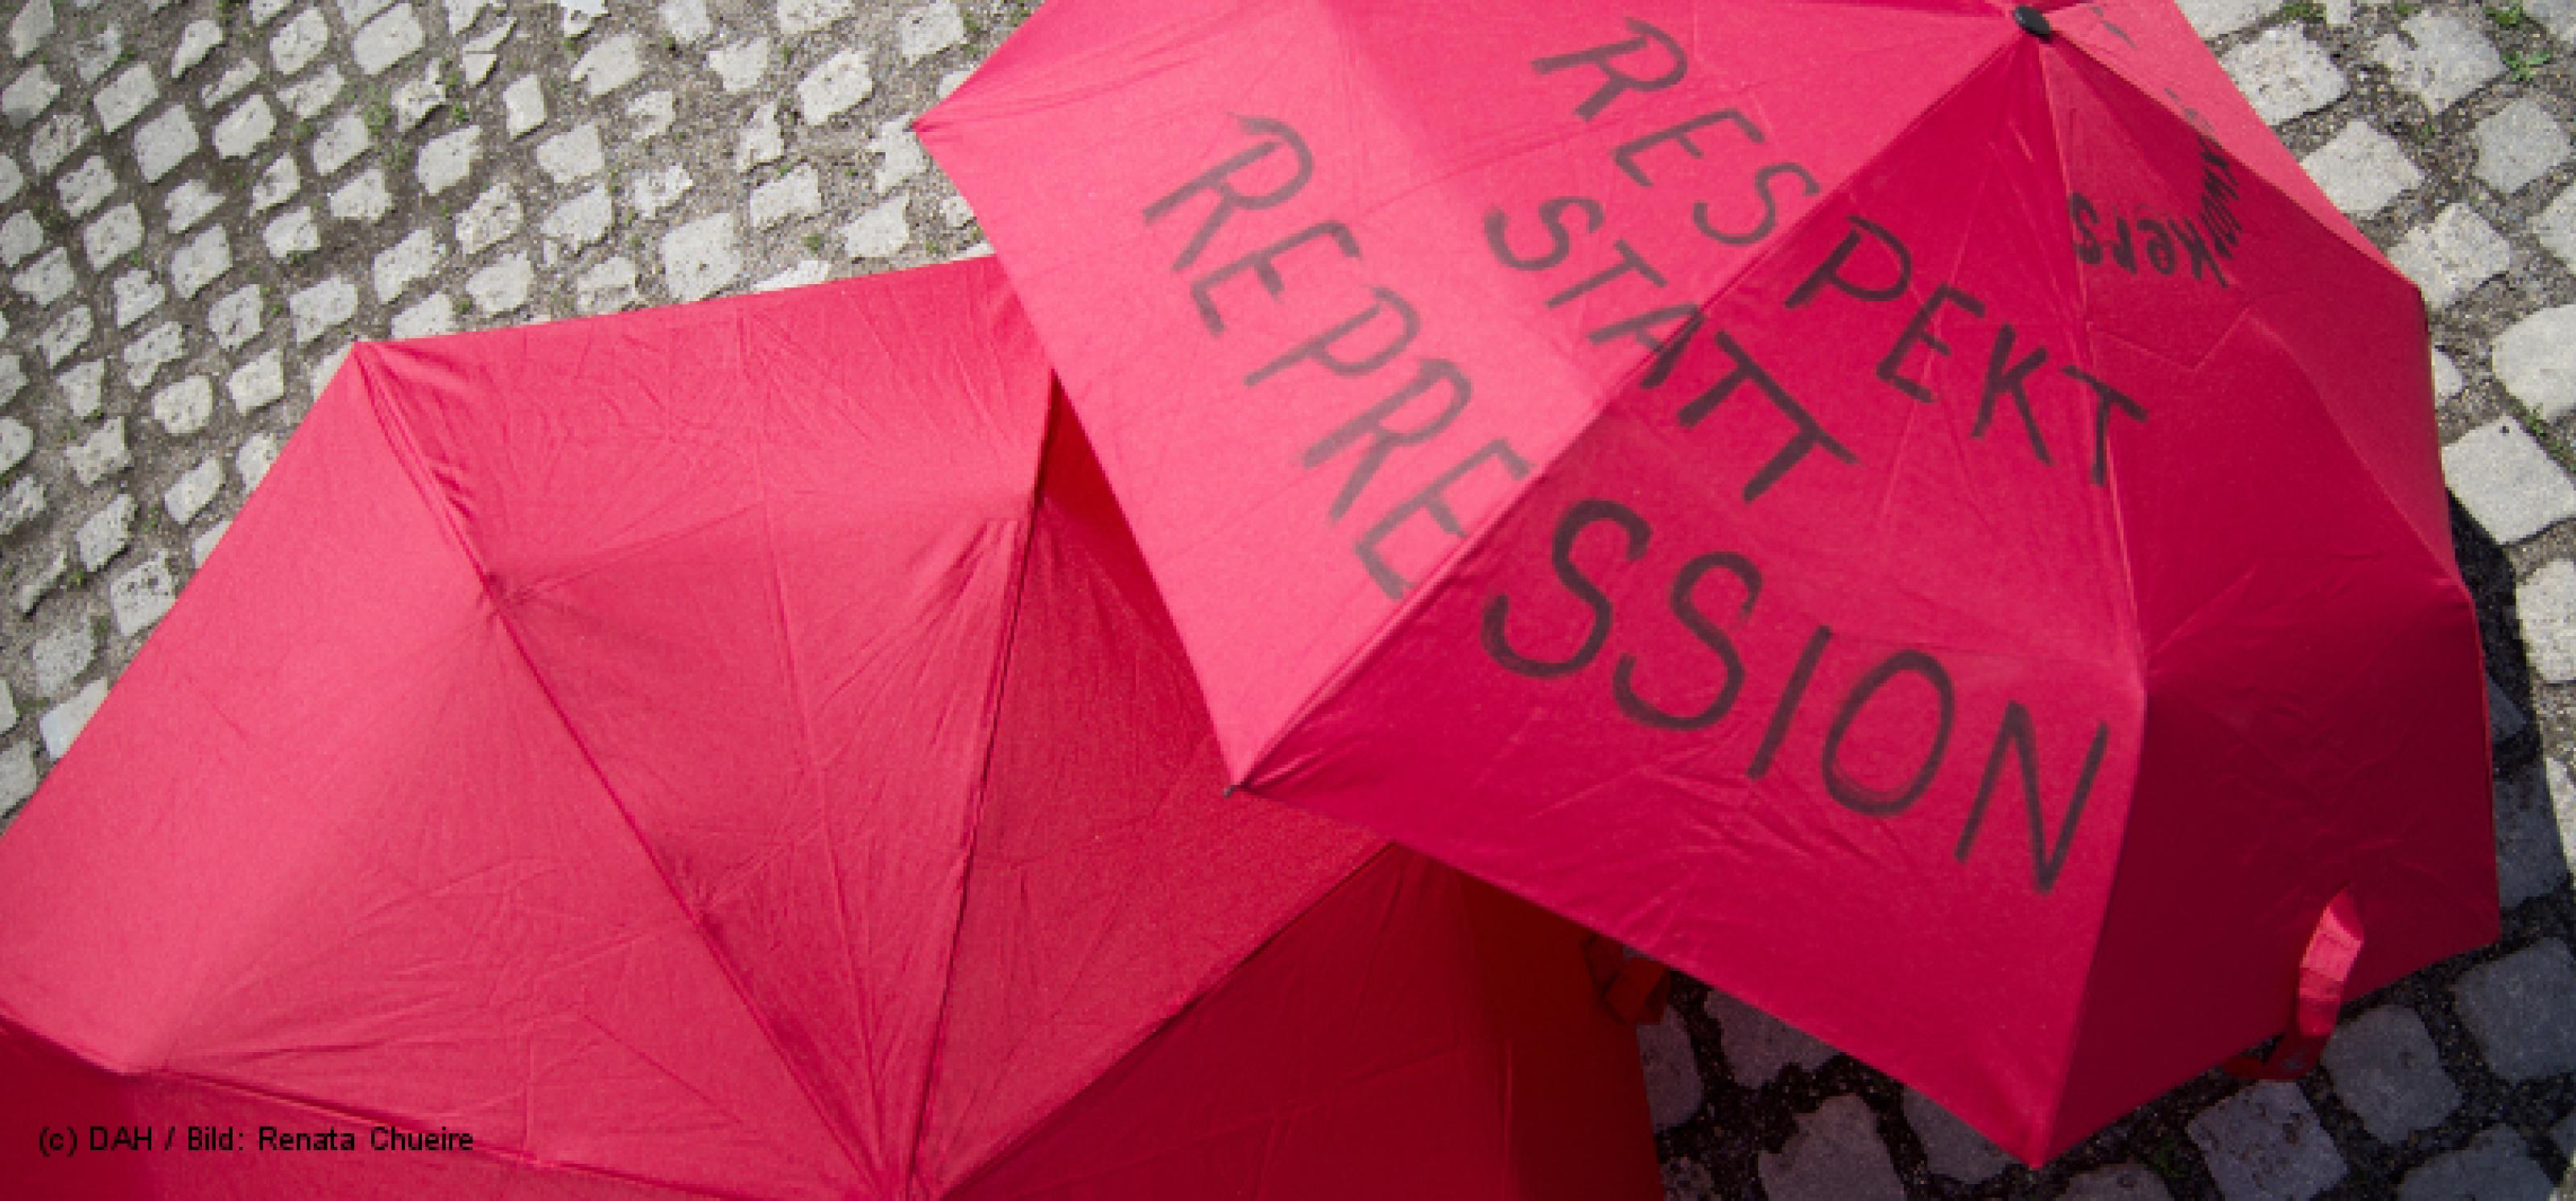 Zwei rote Regenschirme liegen aufgespannt auf Kopfsteinpflaster, auf dem rechten steht geschrieben: Respekt statt Repression